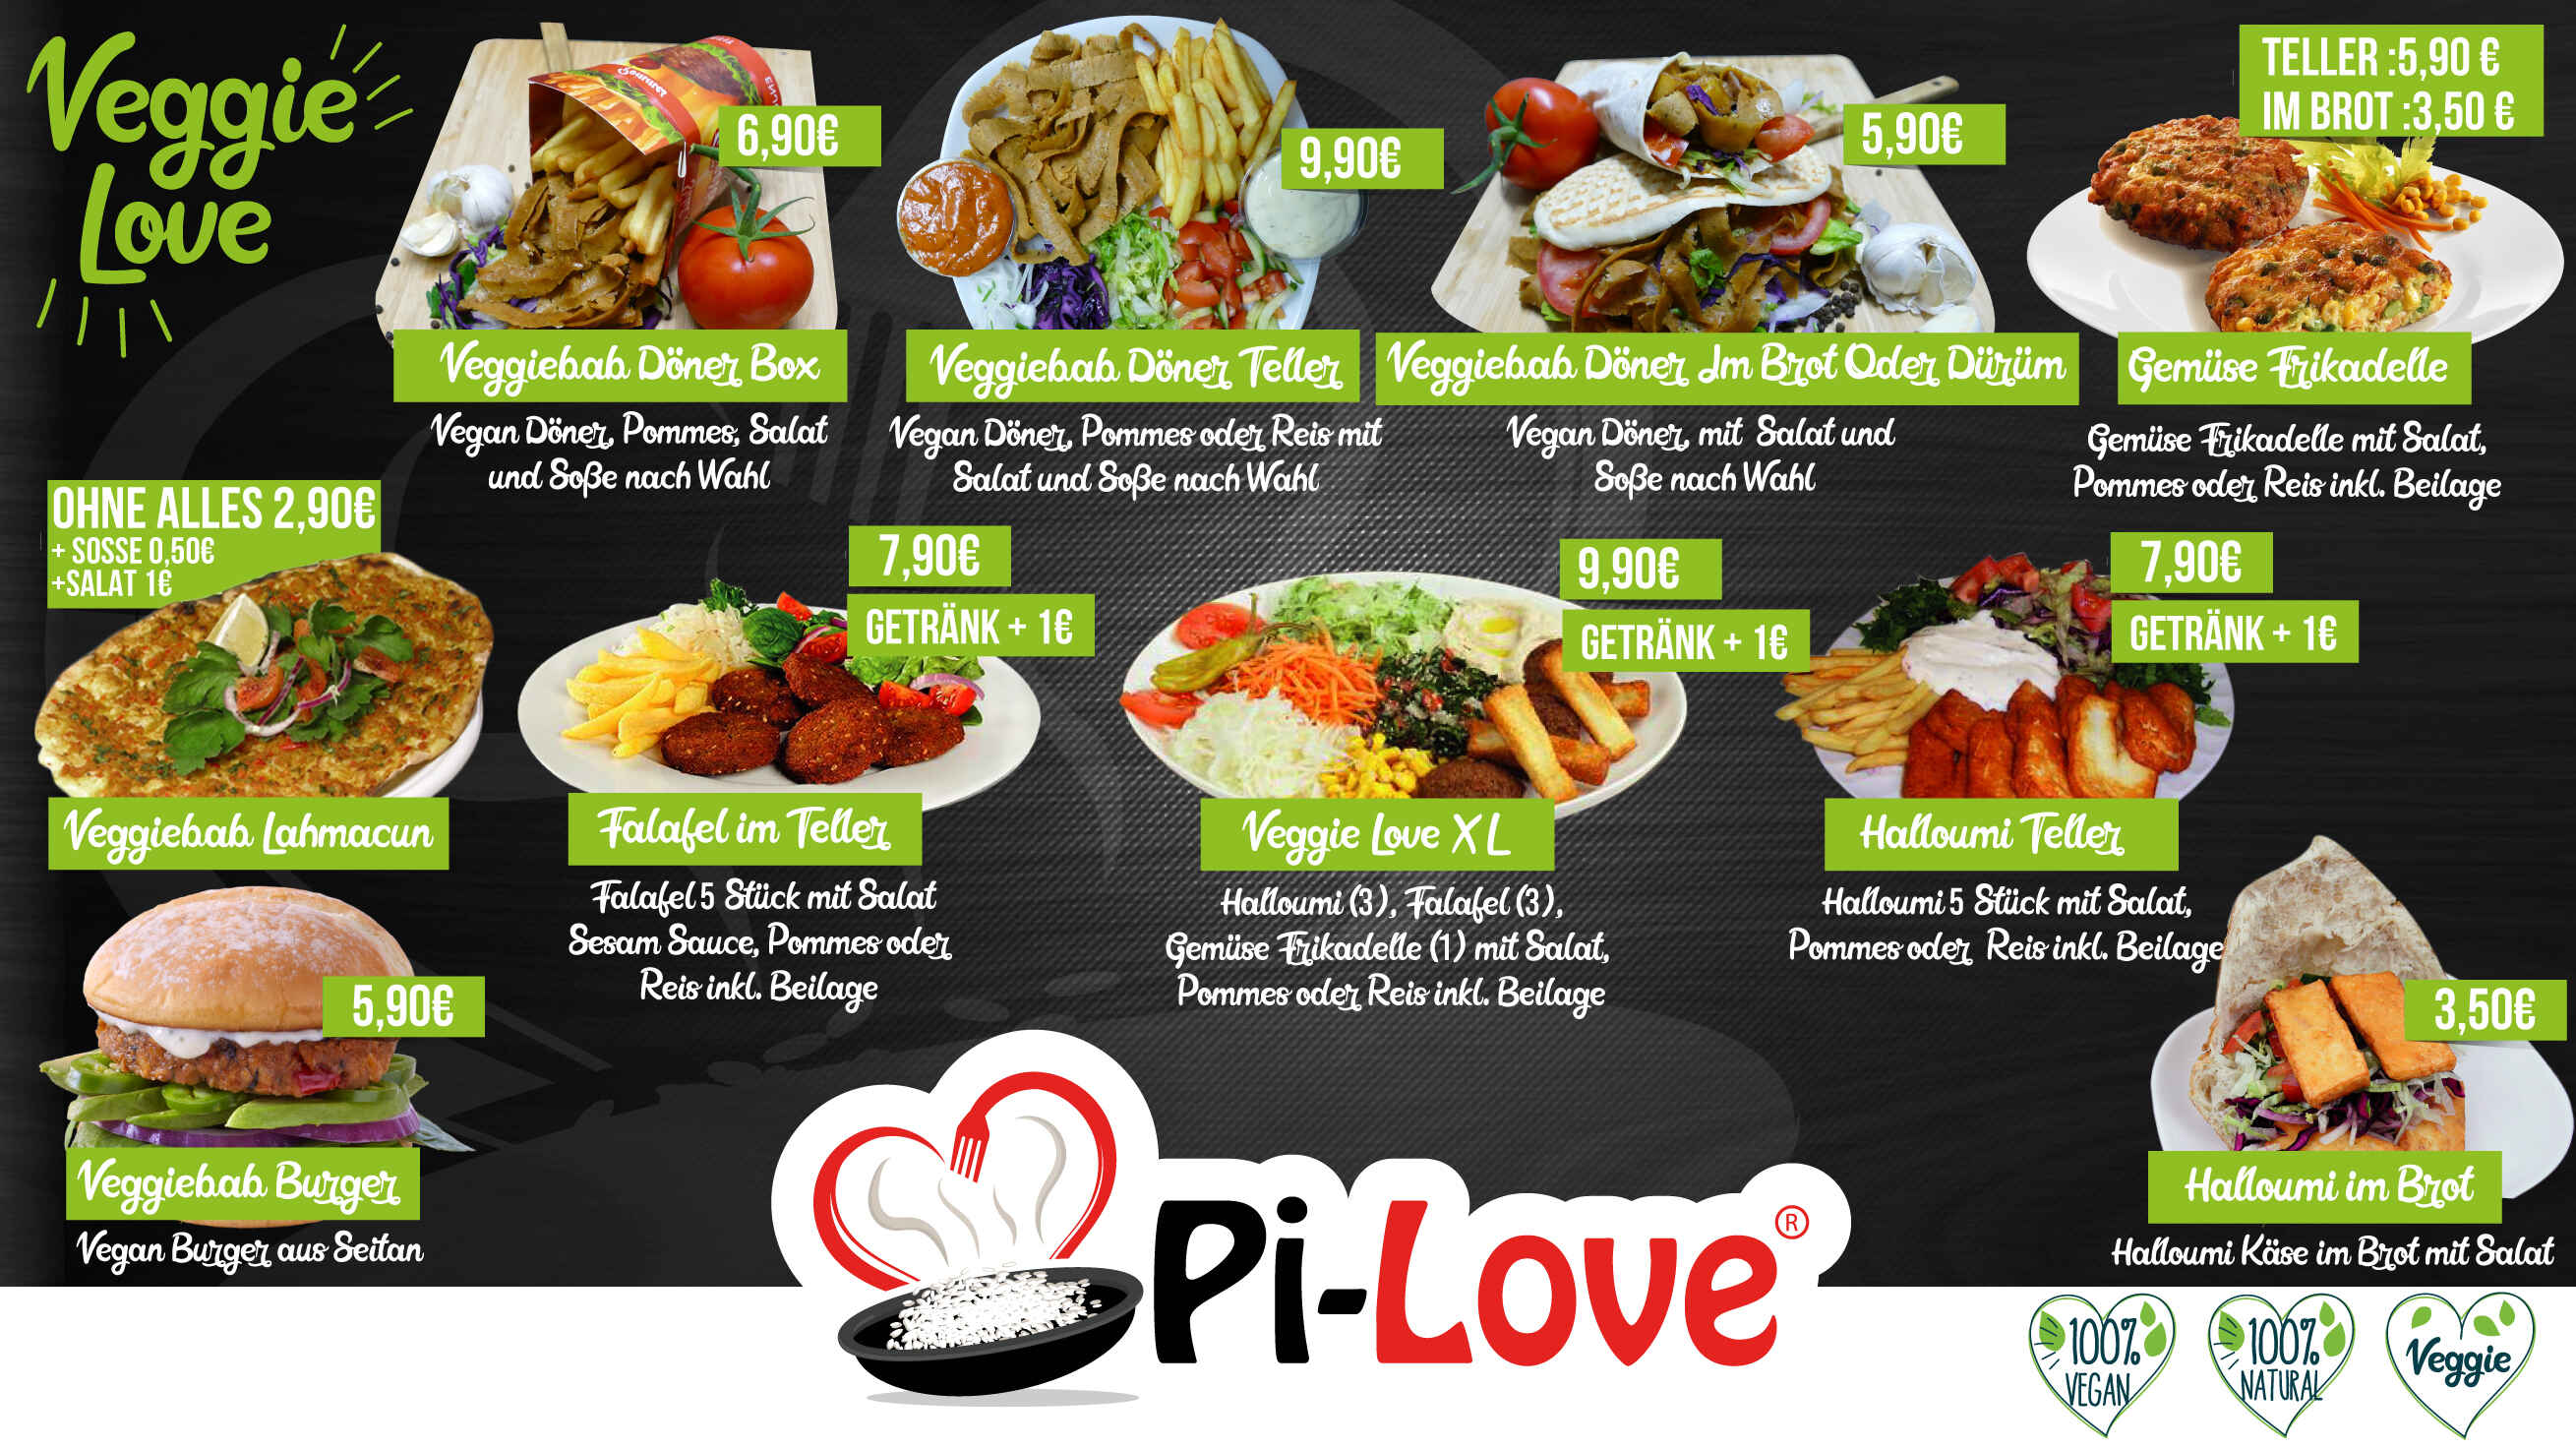 Bild zur Nachricht von Pi-Love